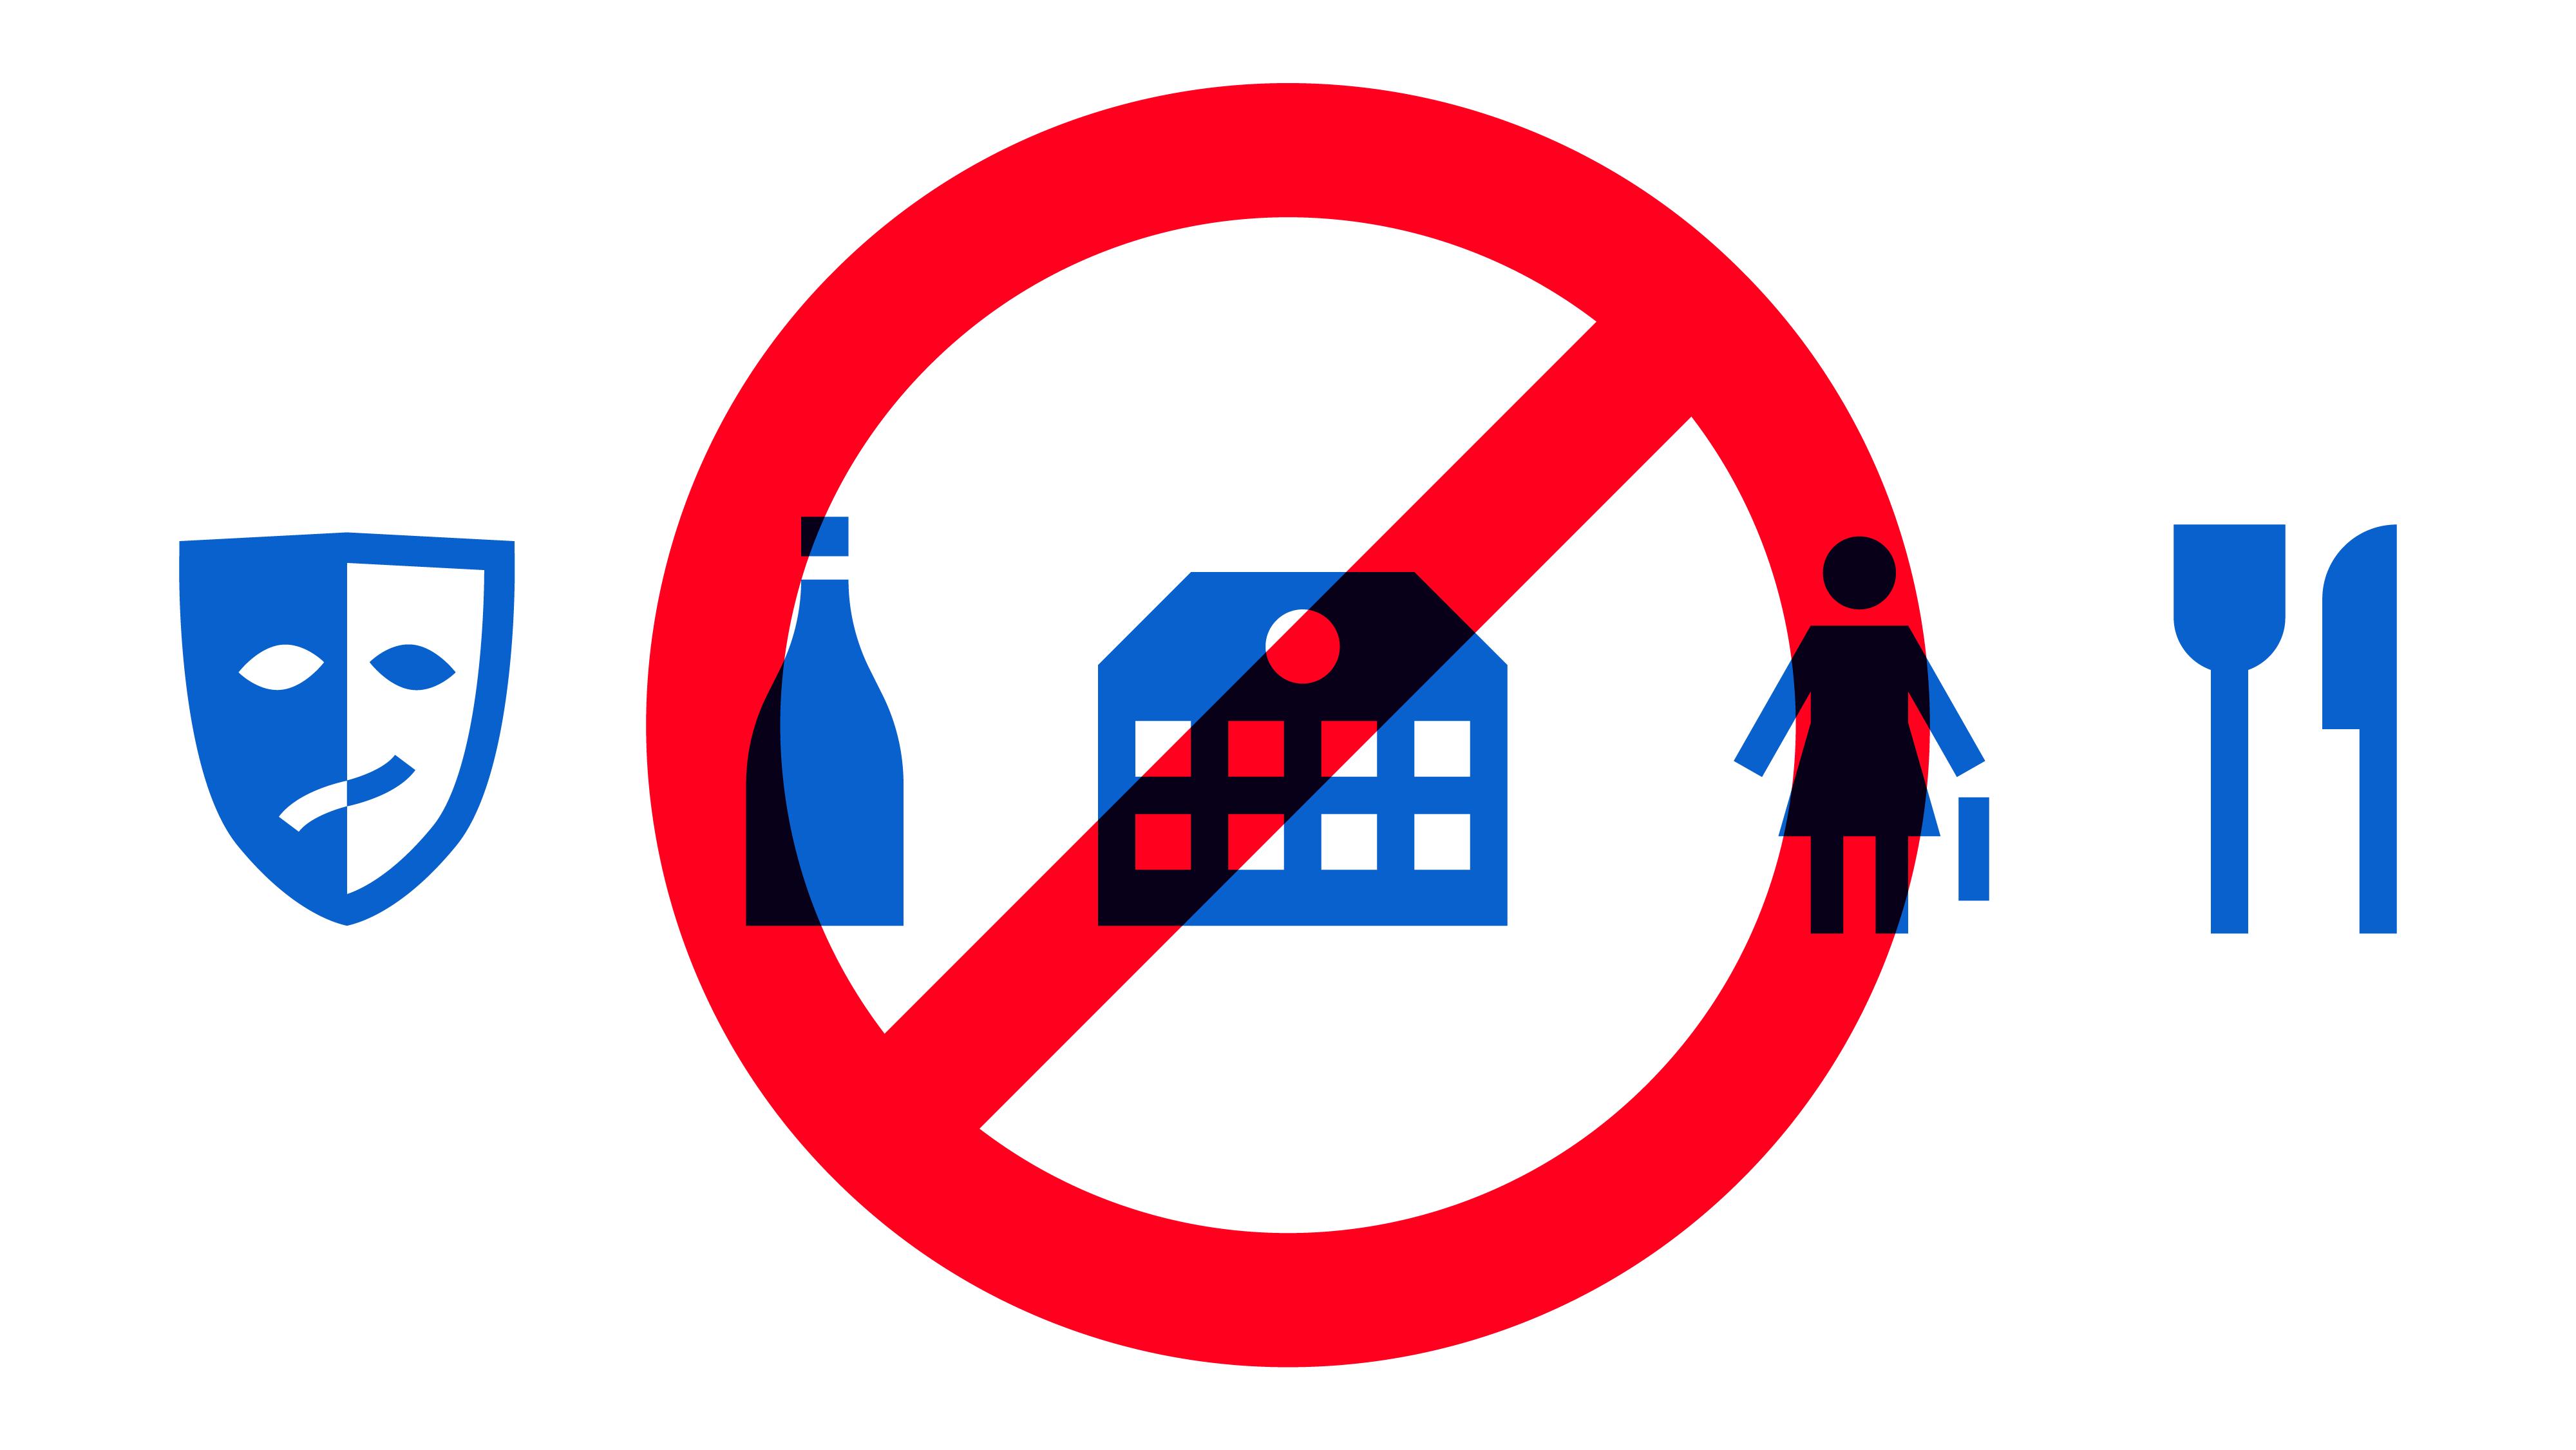 restriktioner_v2-01.png